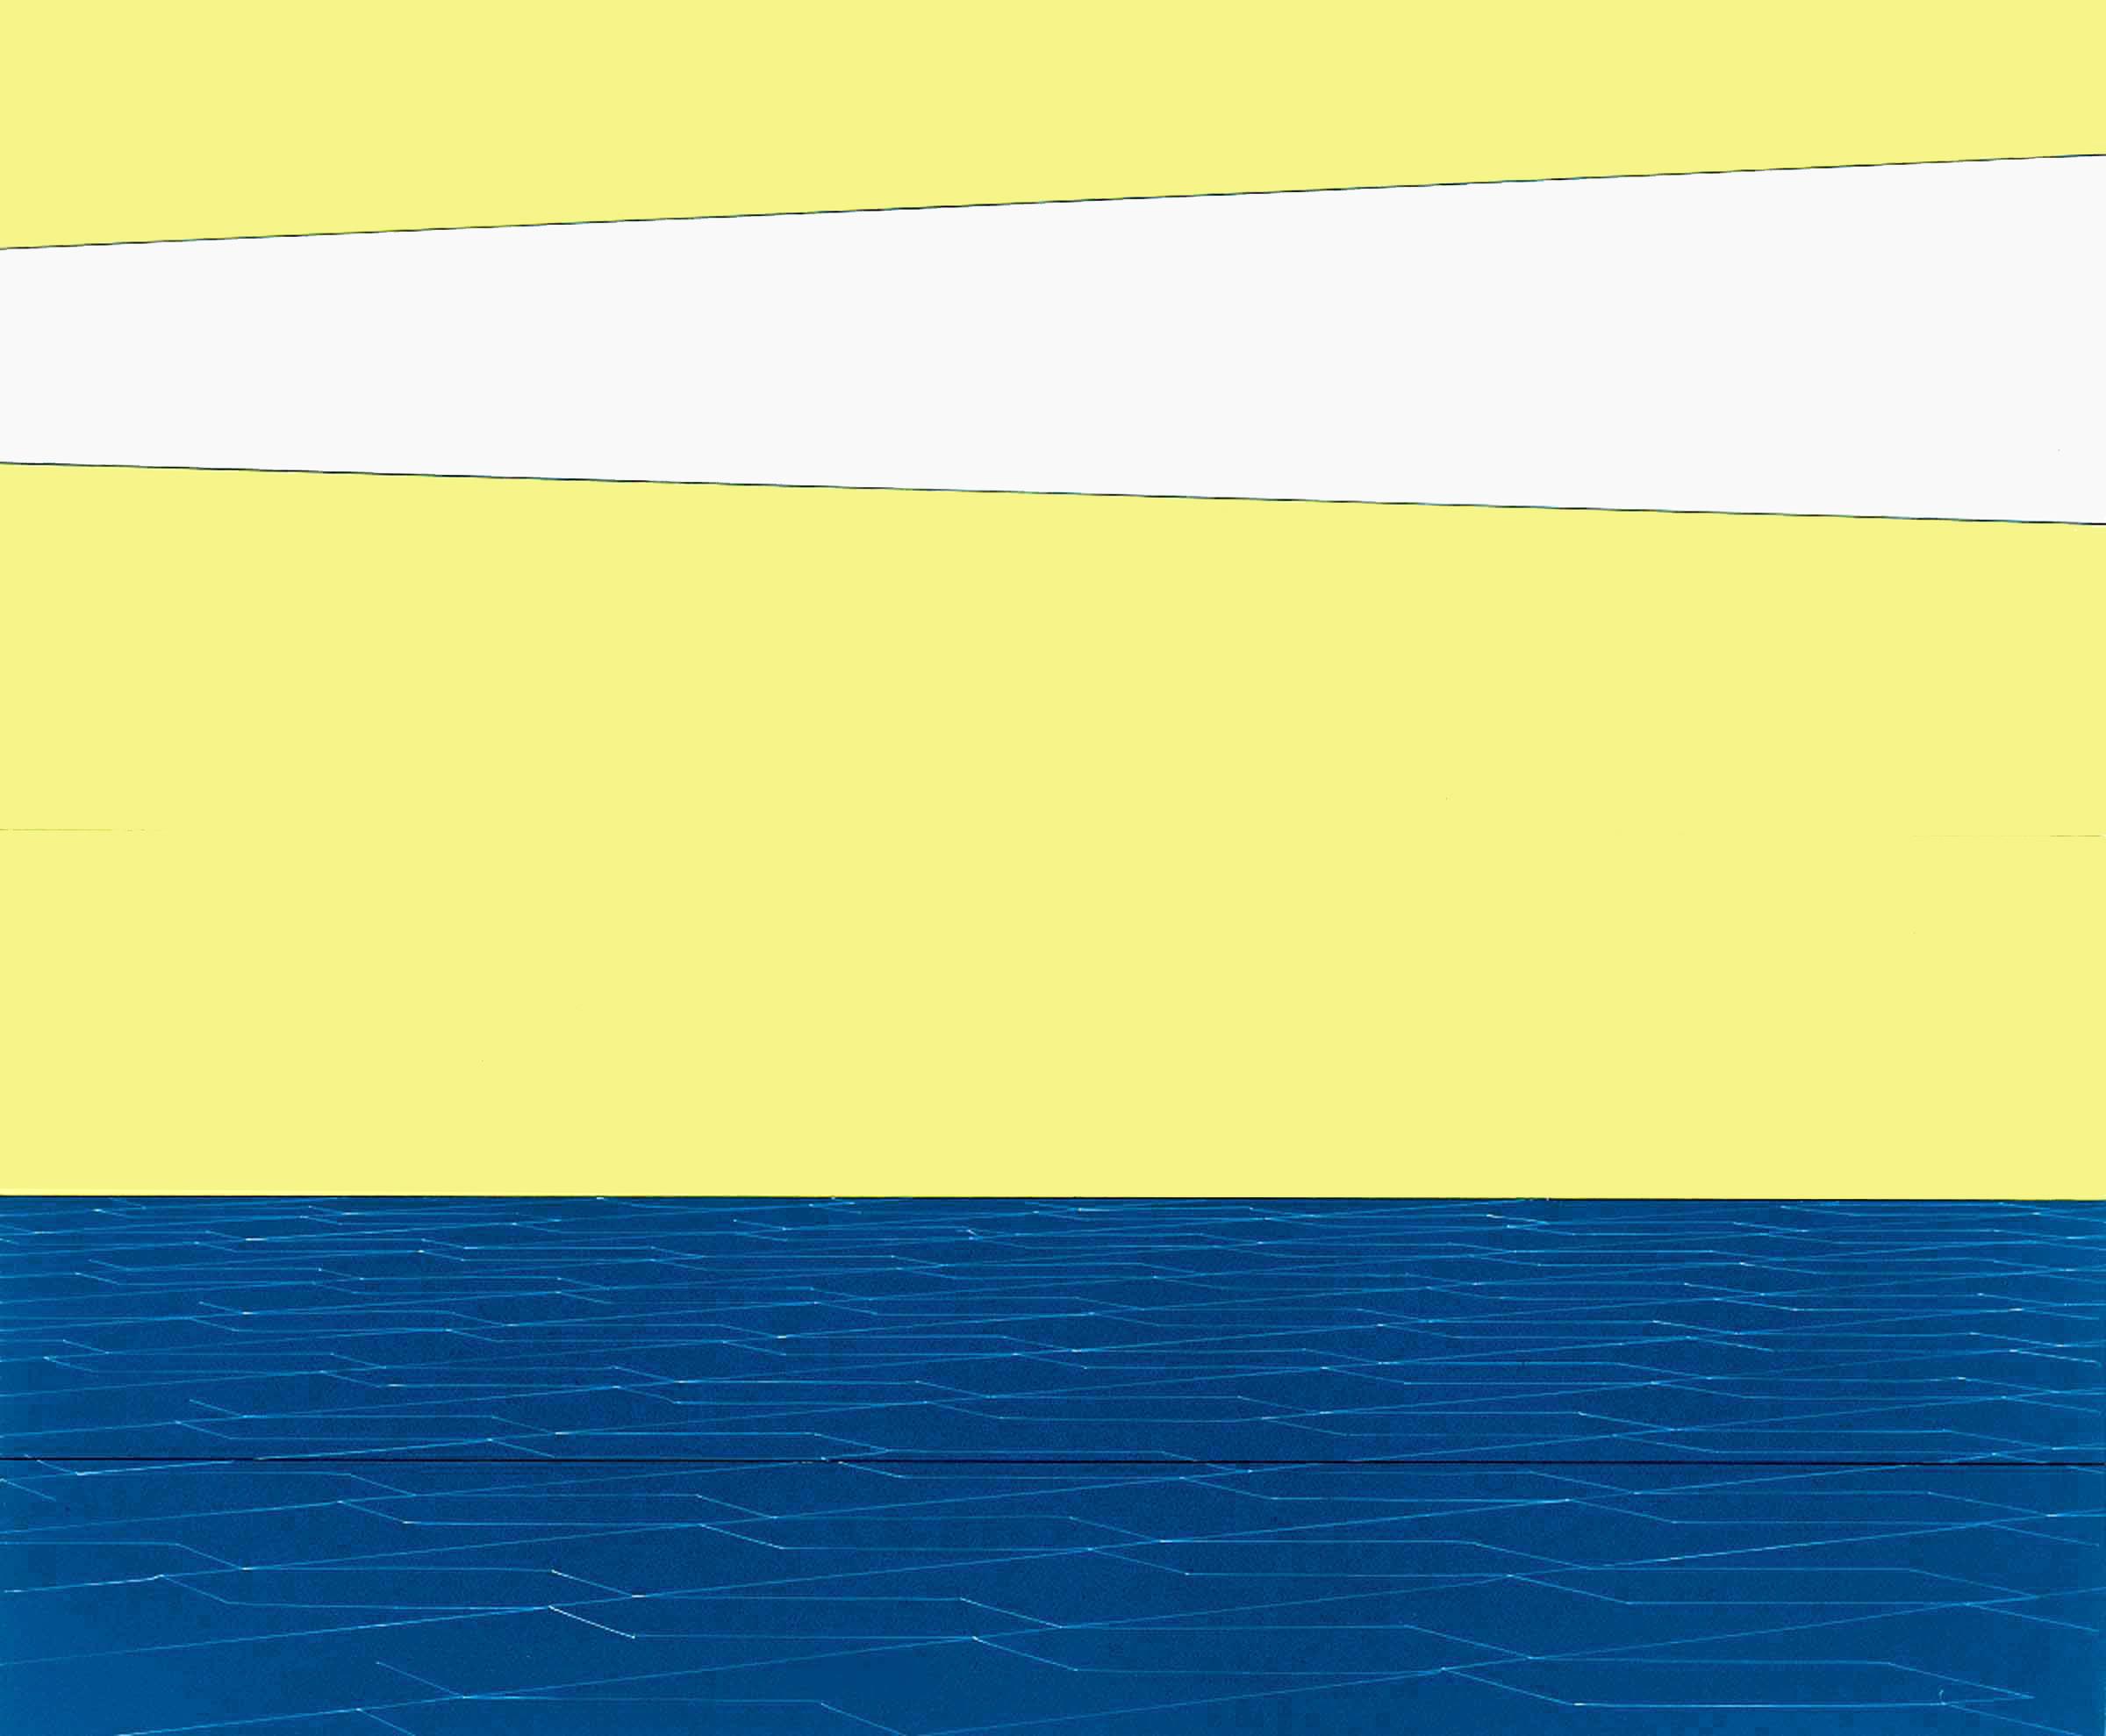 High waisted Cartoon Sky, Yellow Sky